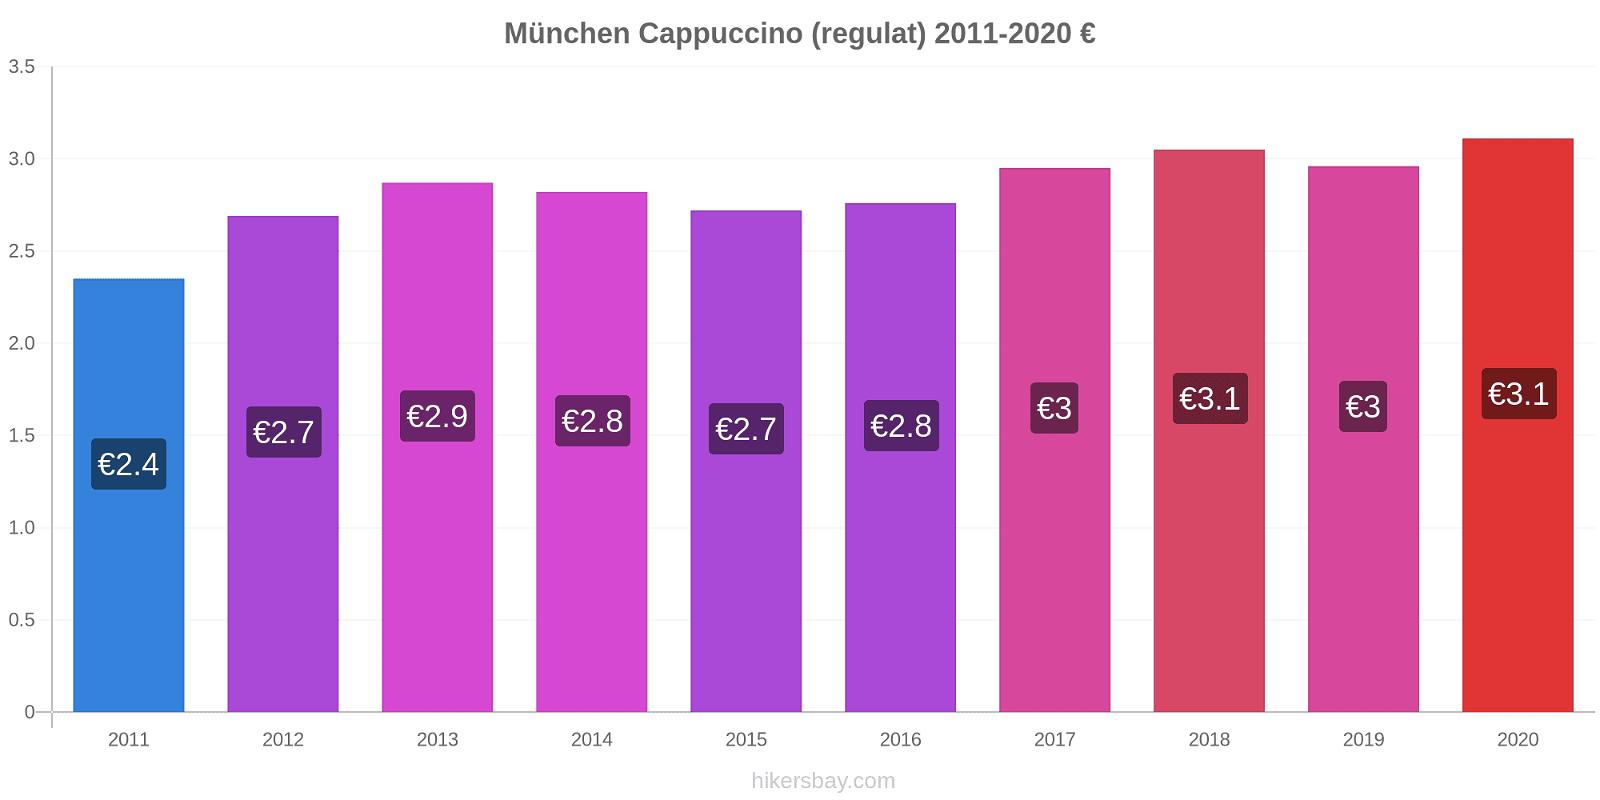 München modificări de preț Cappuccino (regulat) hikersbay.com